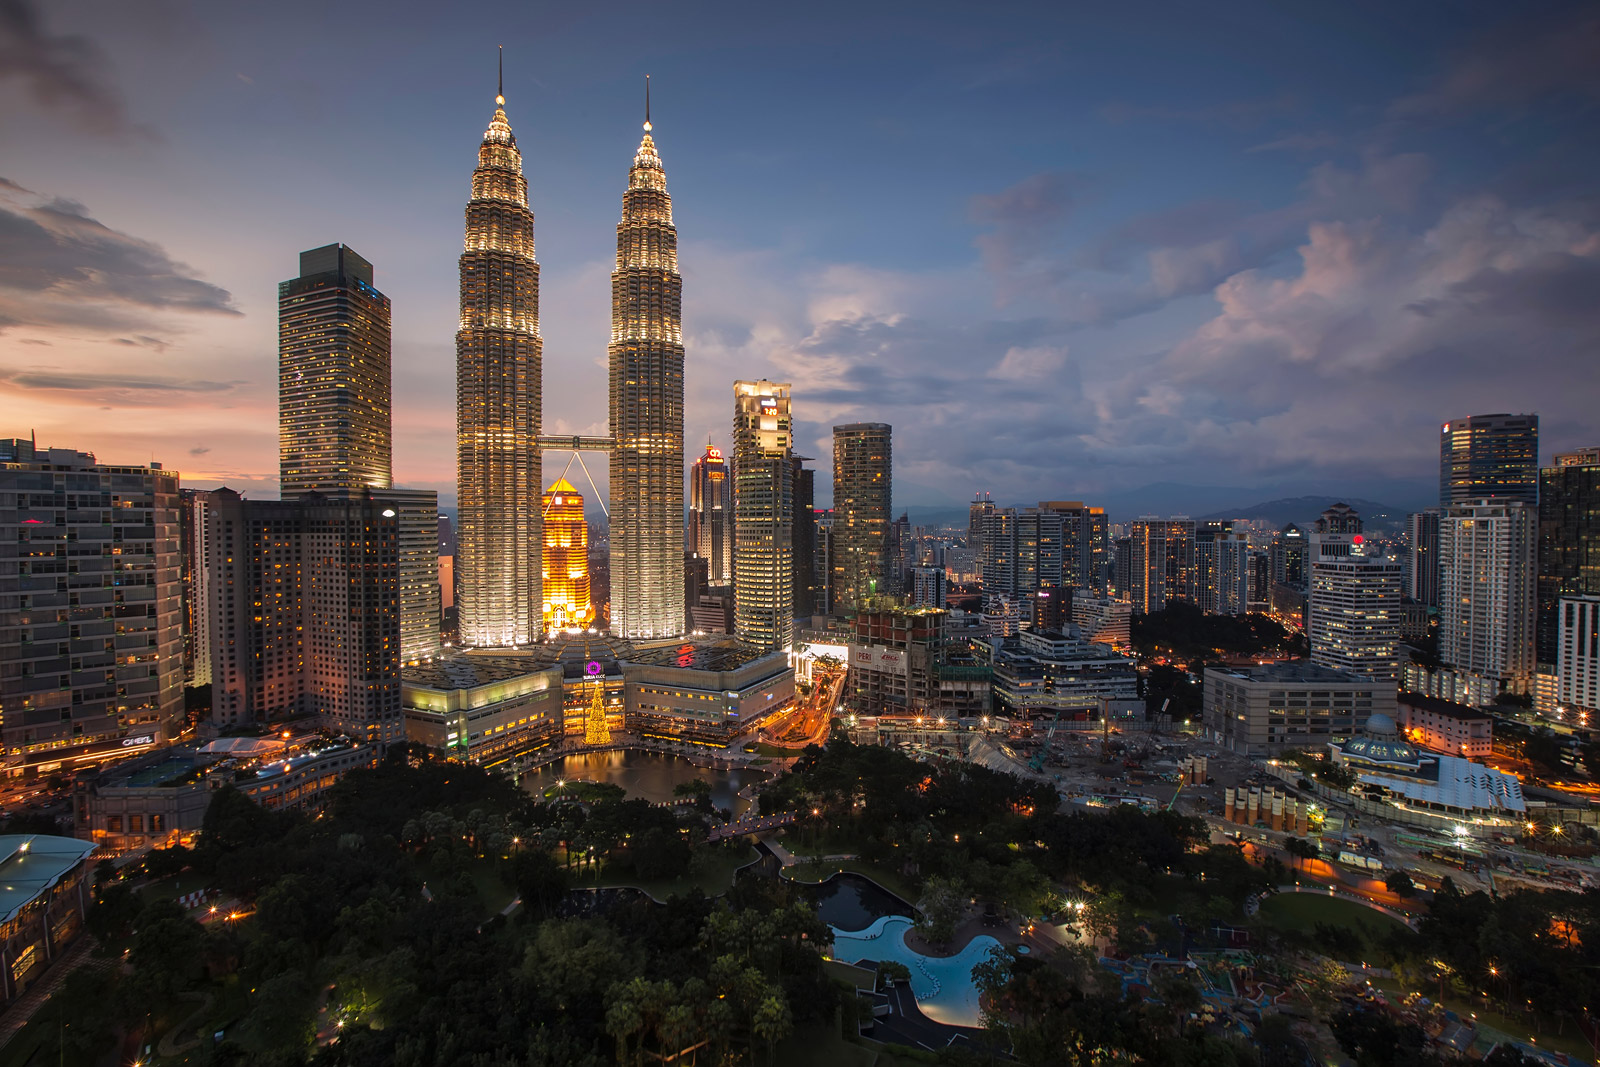 _malaysia-22804